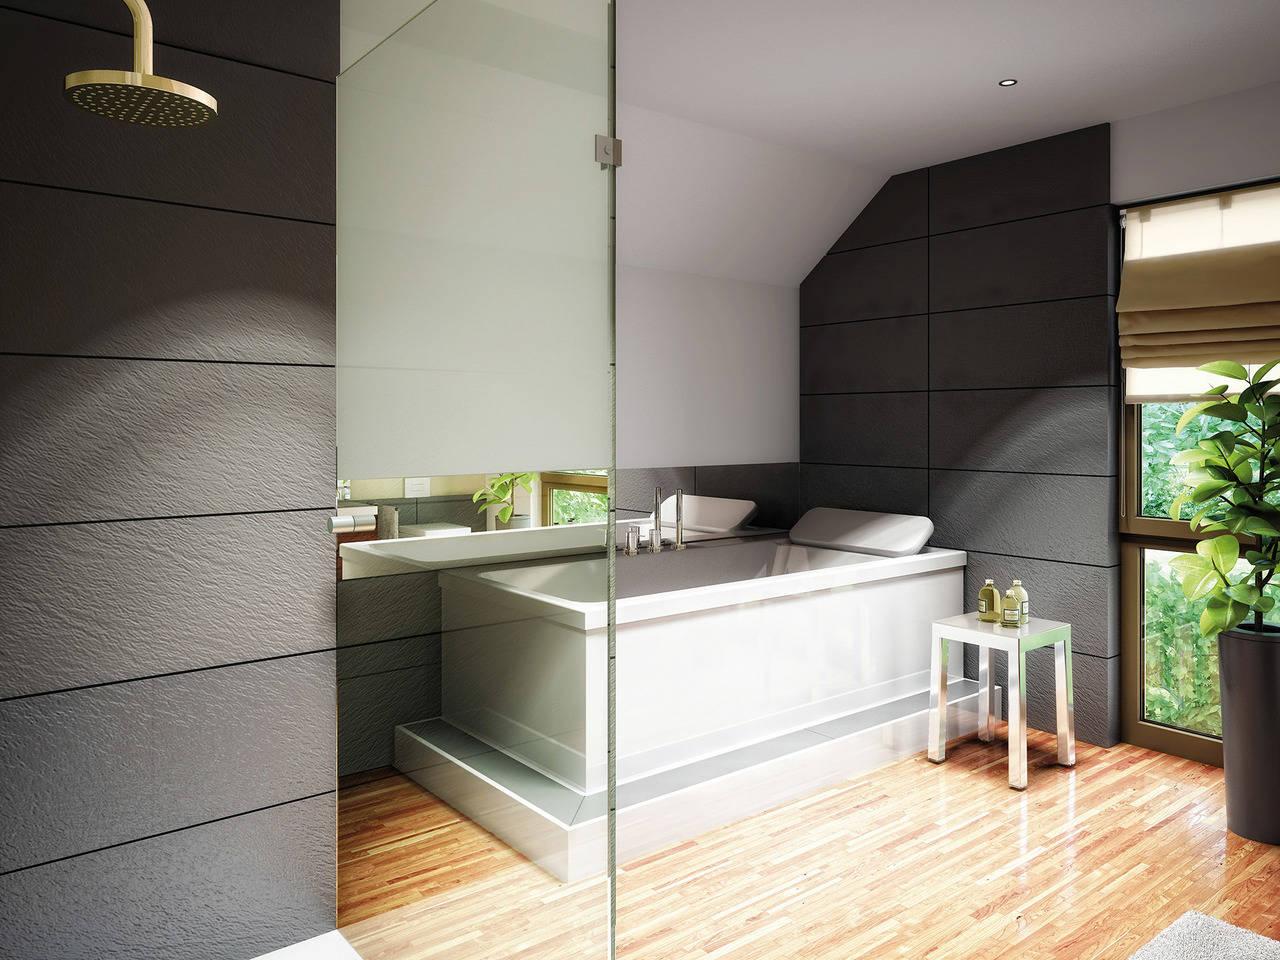 Haus Solution 124 V5 b Badezimmer von Living Haus